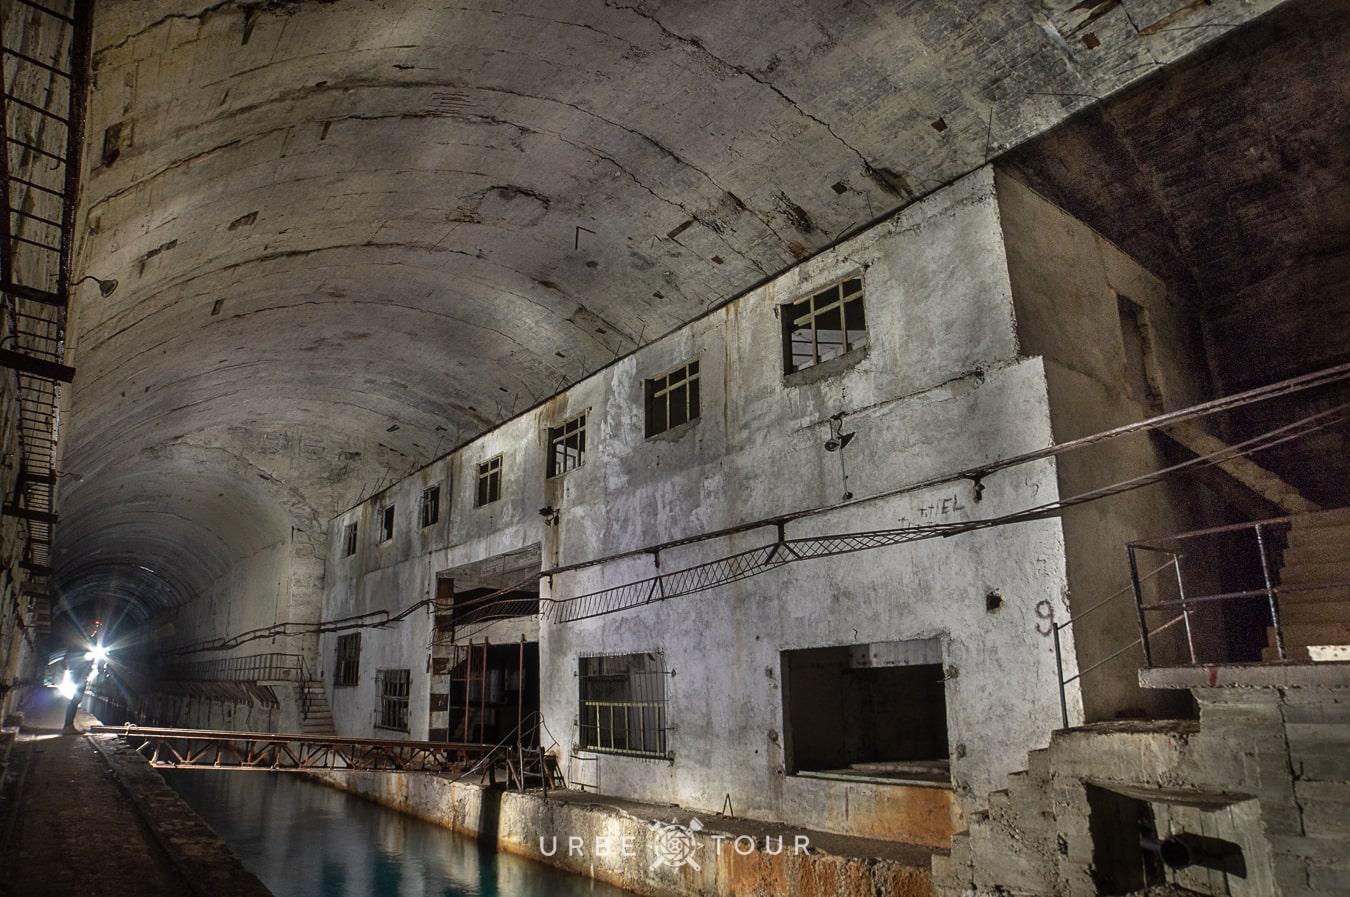 porto-palermo-submarine-base-albania-3-1 Подземная база для подводных лодок в Порто Палермо, Албания